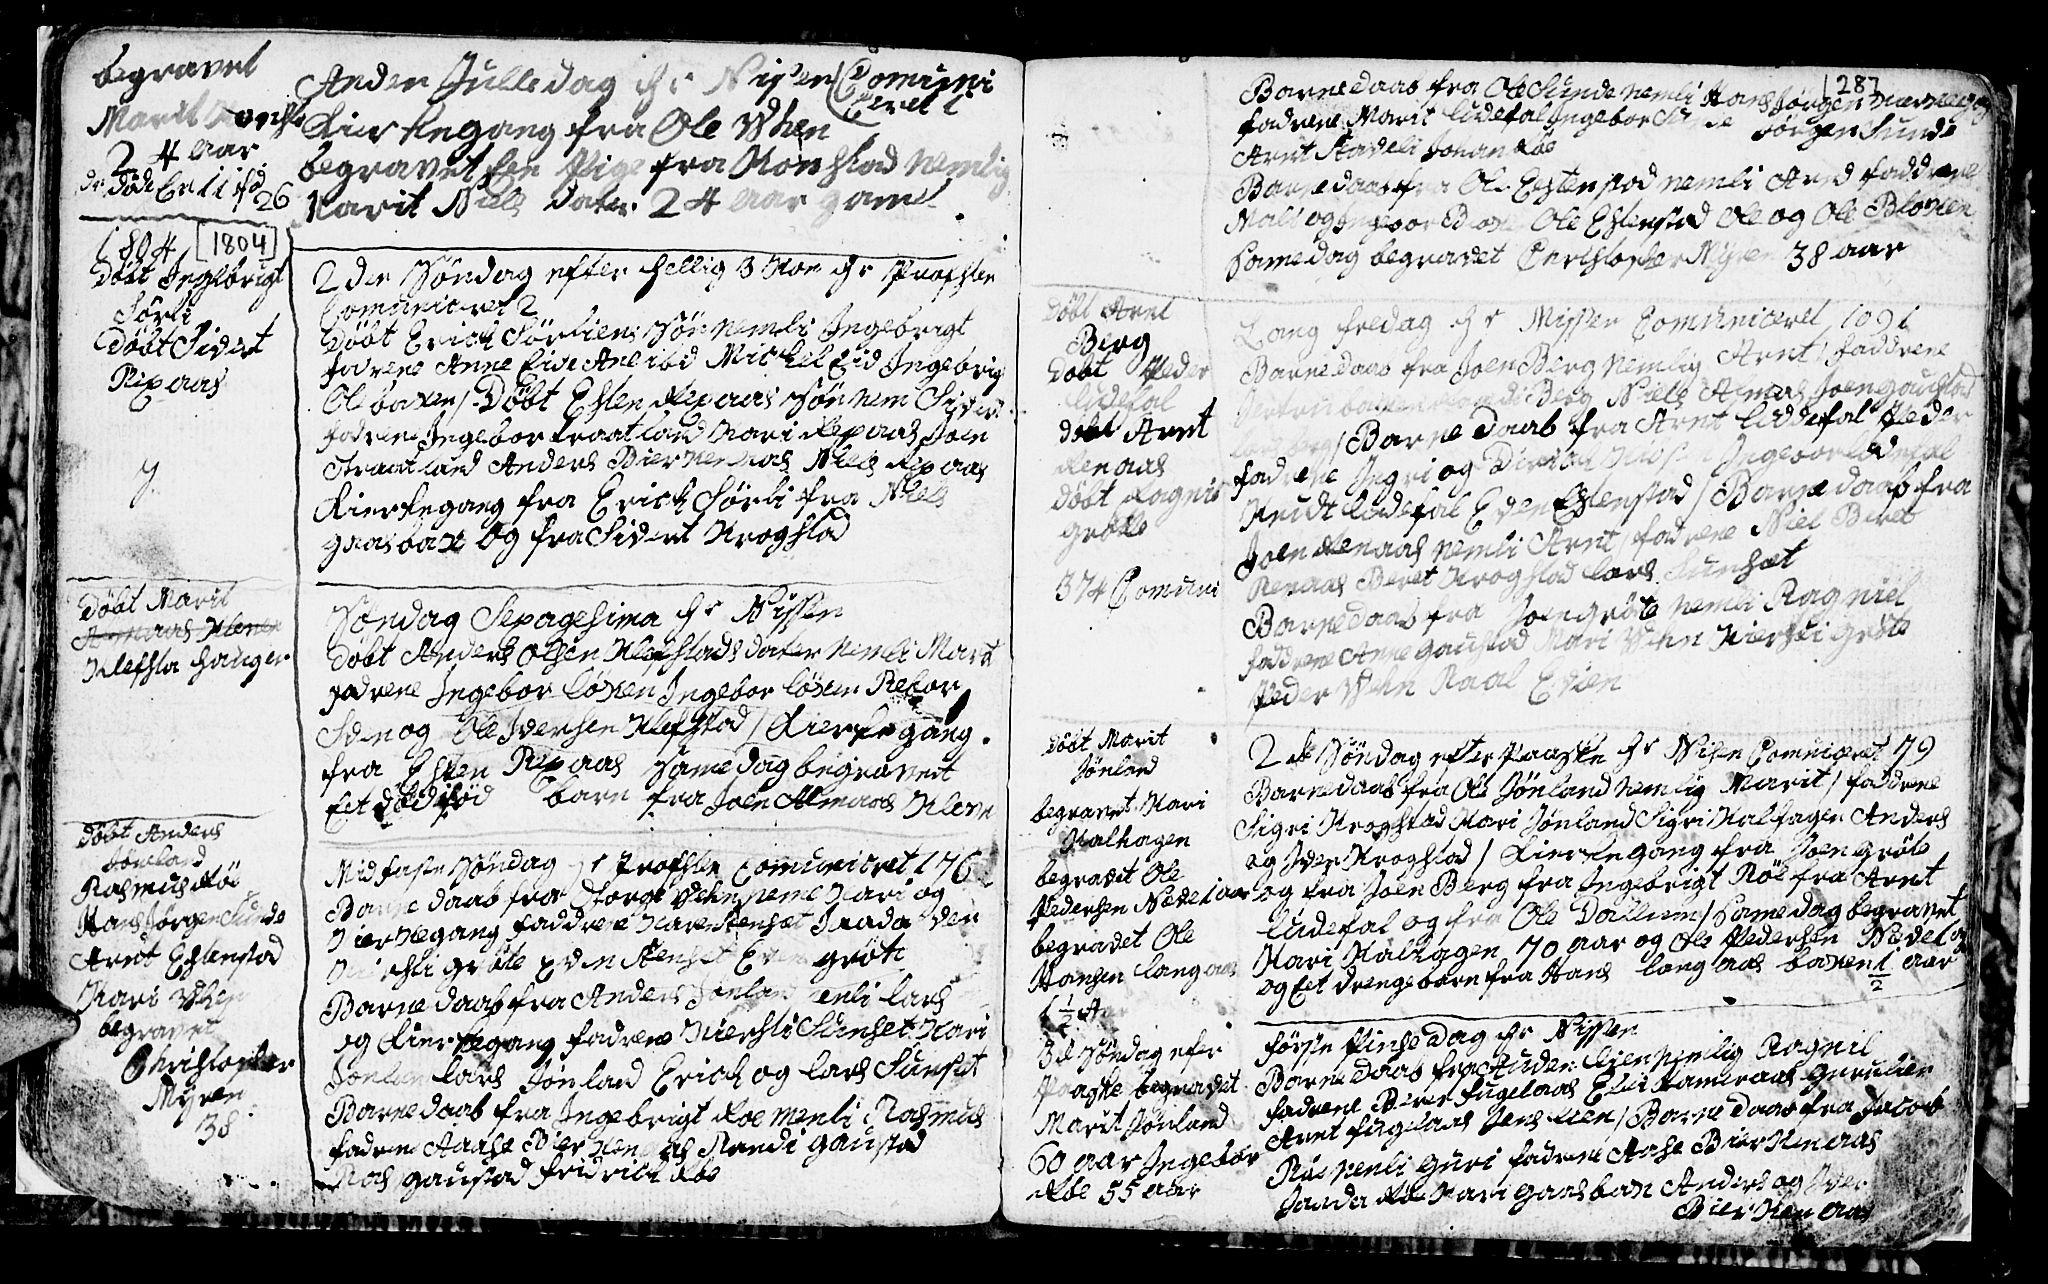 SAT, Ministerialprotokoller, klokkerbøker og fødselsregistre - Sør-Trøndelag, 694/L1129: Klokkerbok nr. 694C01, 1793-1815, s. 28